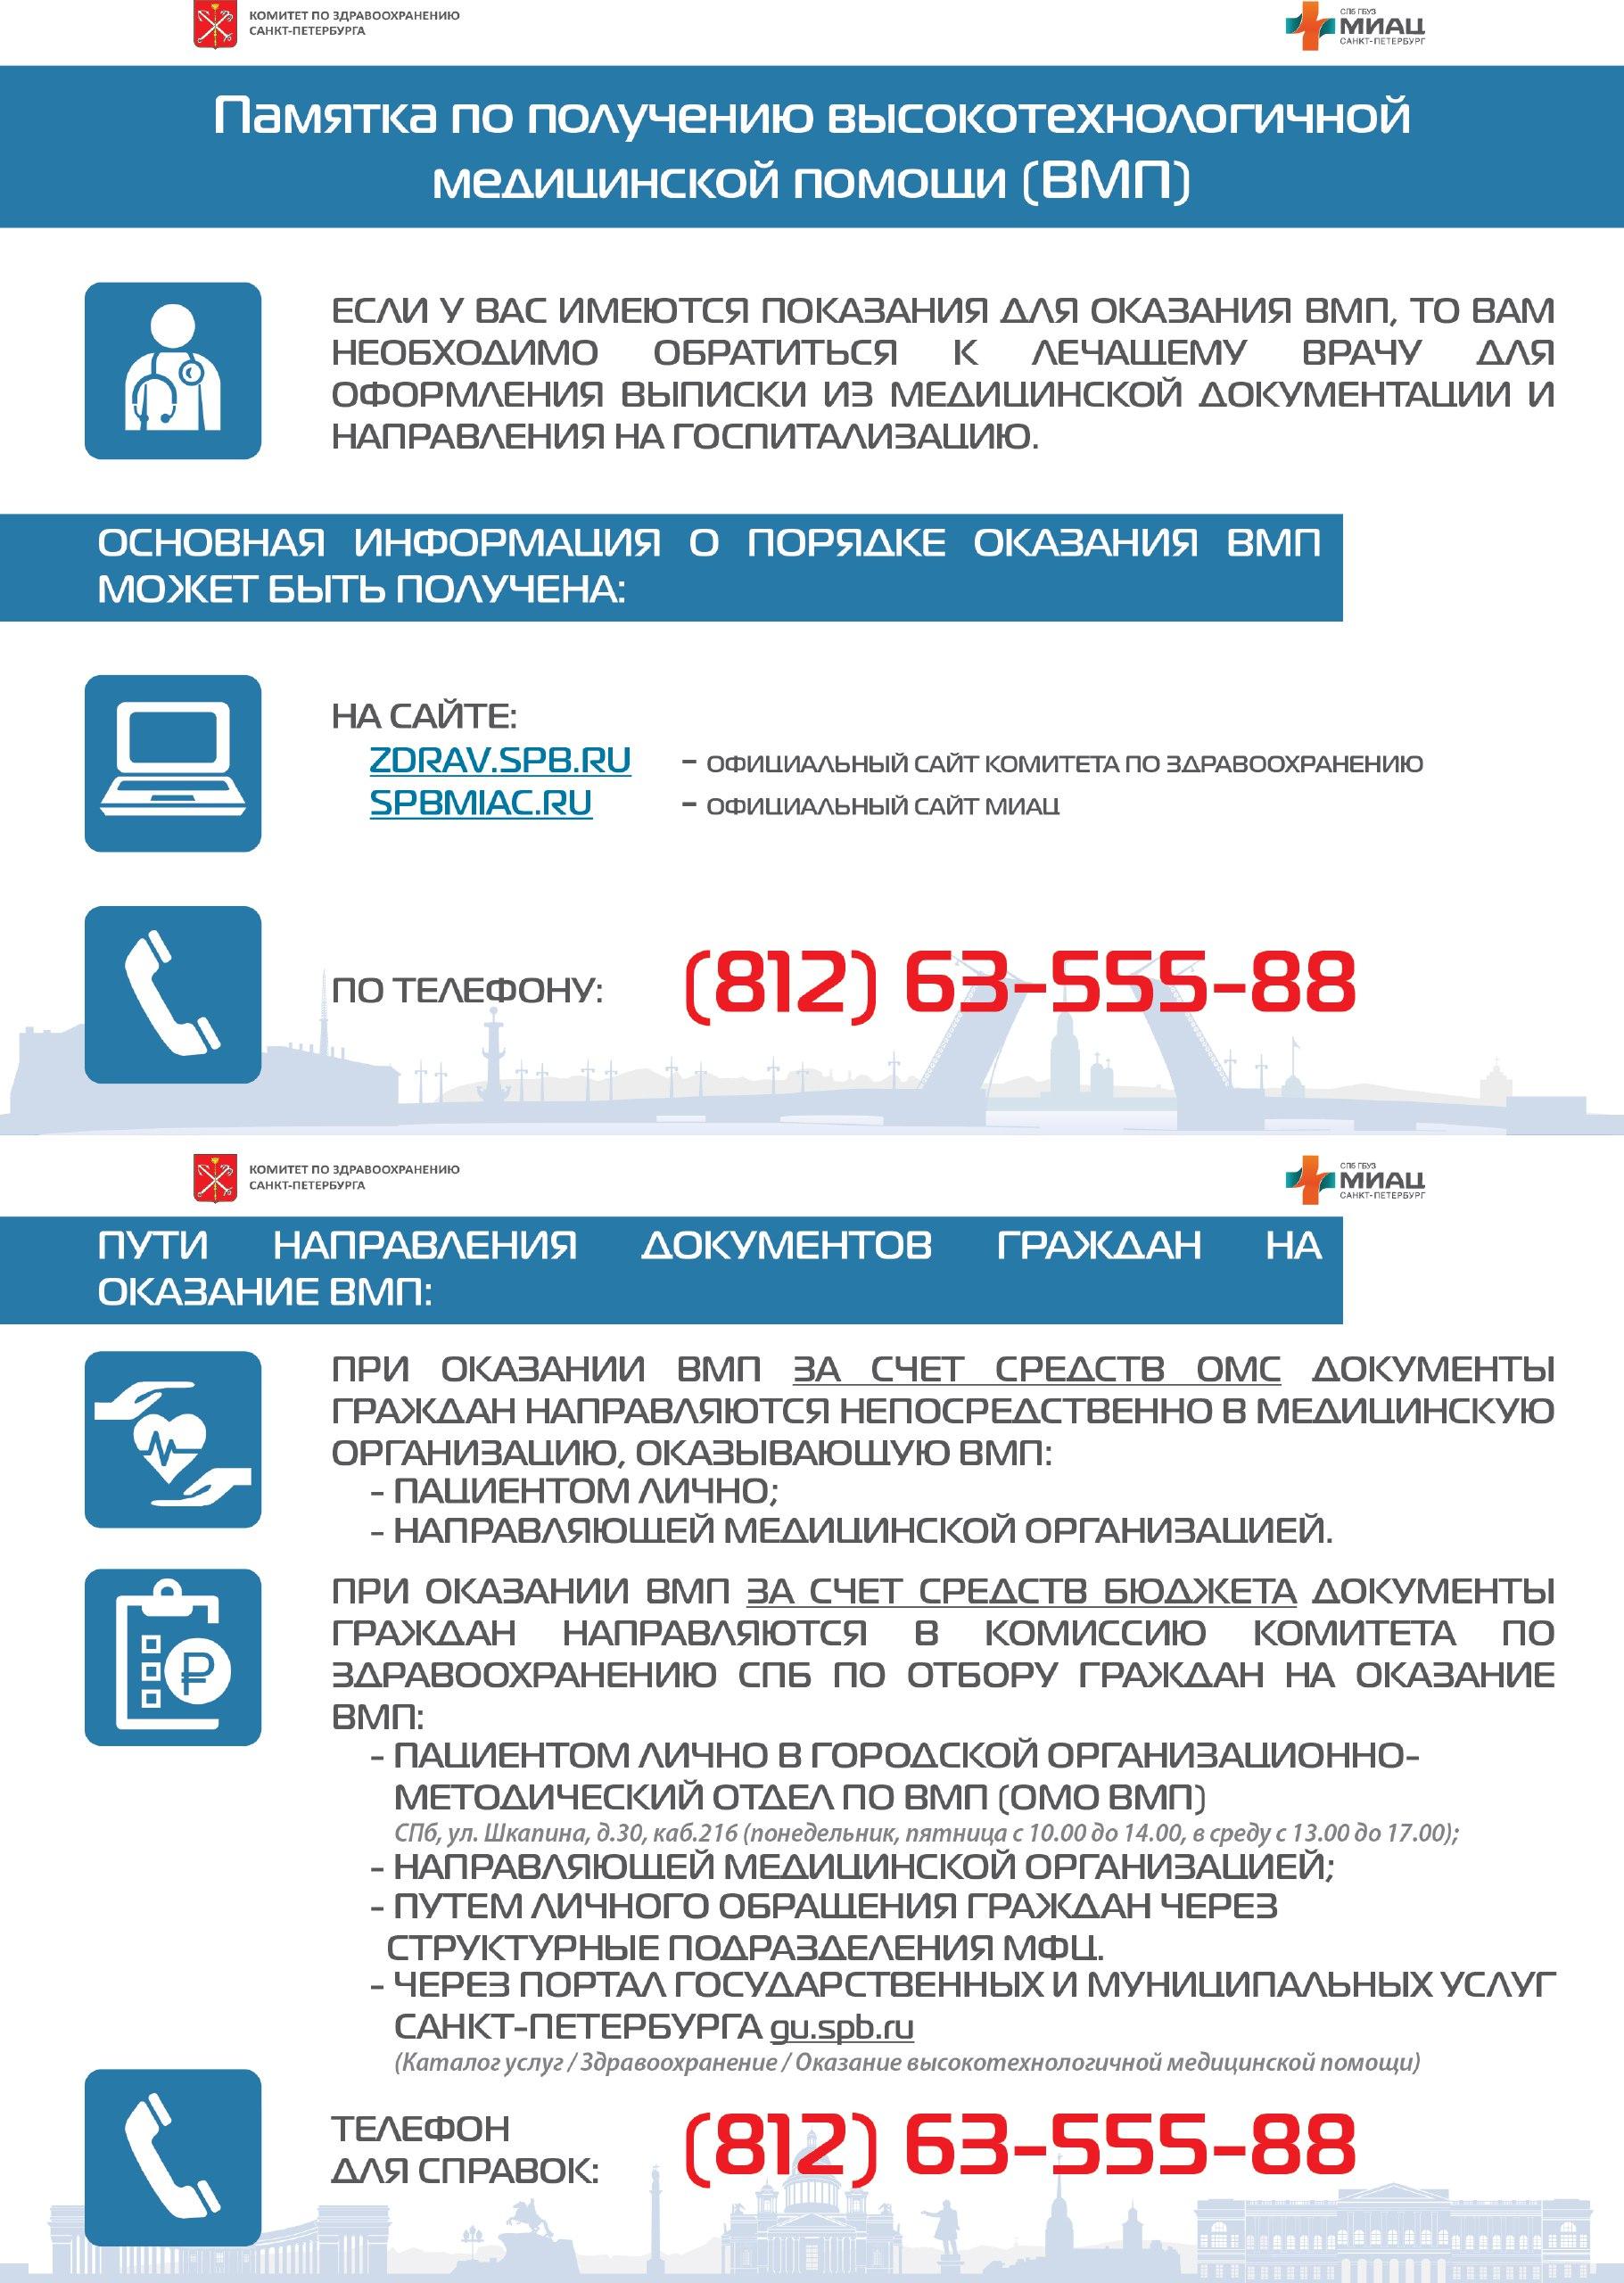 Медицинская справочная санкт-петербурга медицинская справка на удостоверение